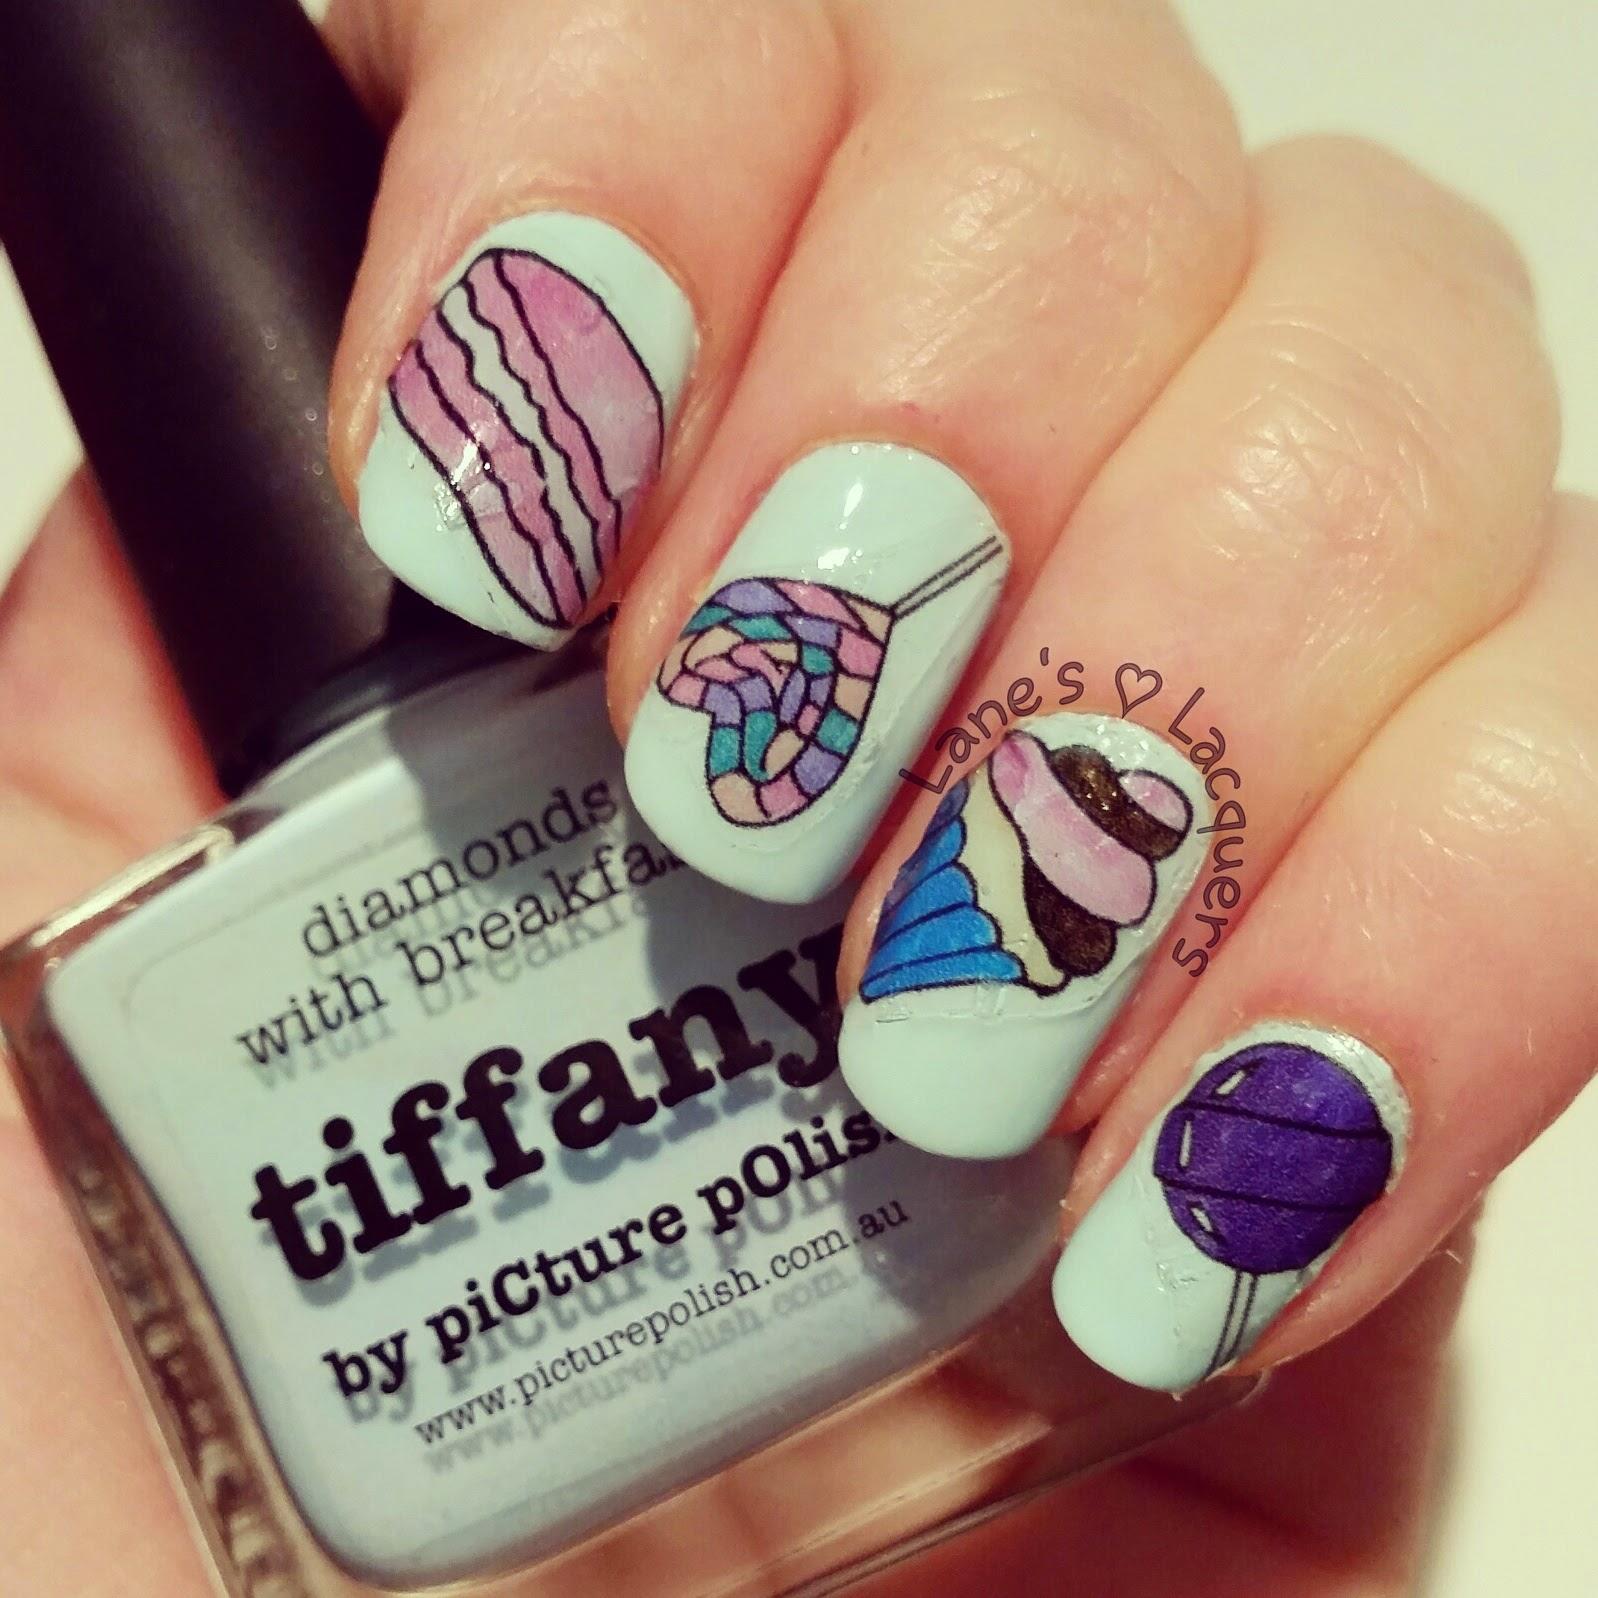 nail-doodles-sweets-cakes-water-transfer-nail-art (2)